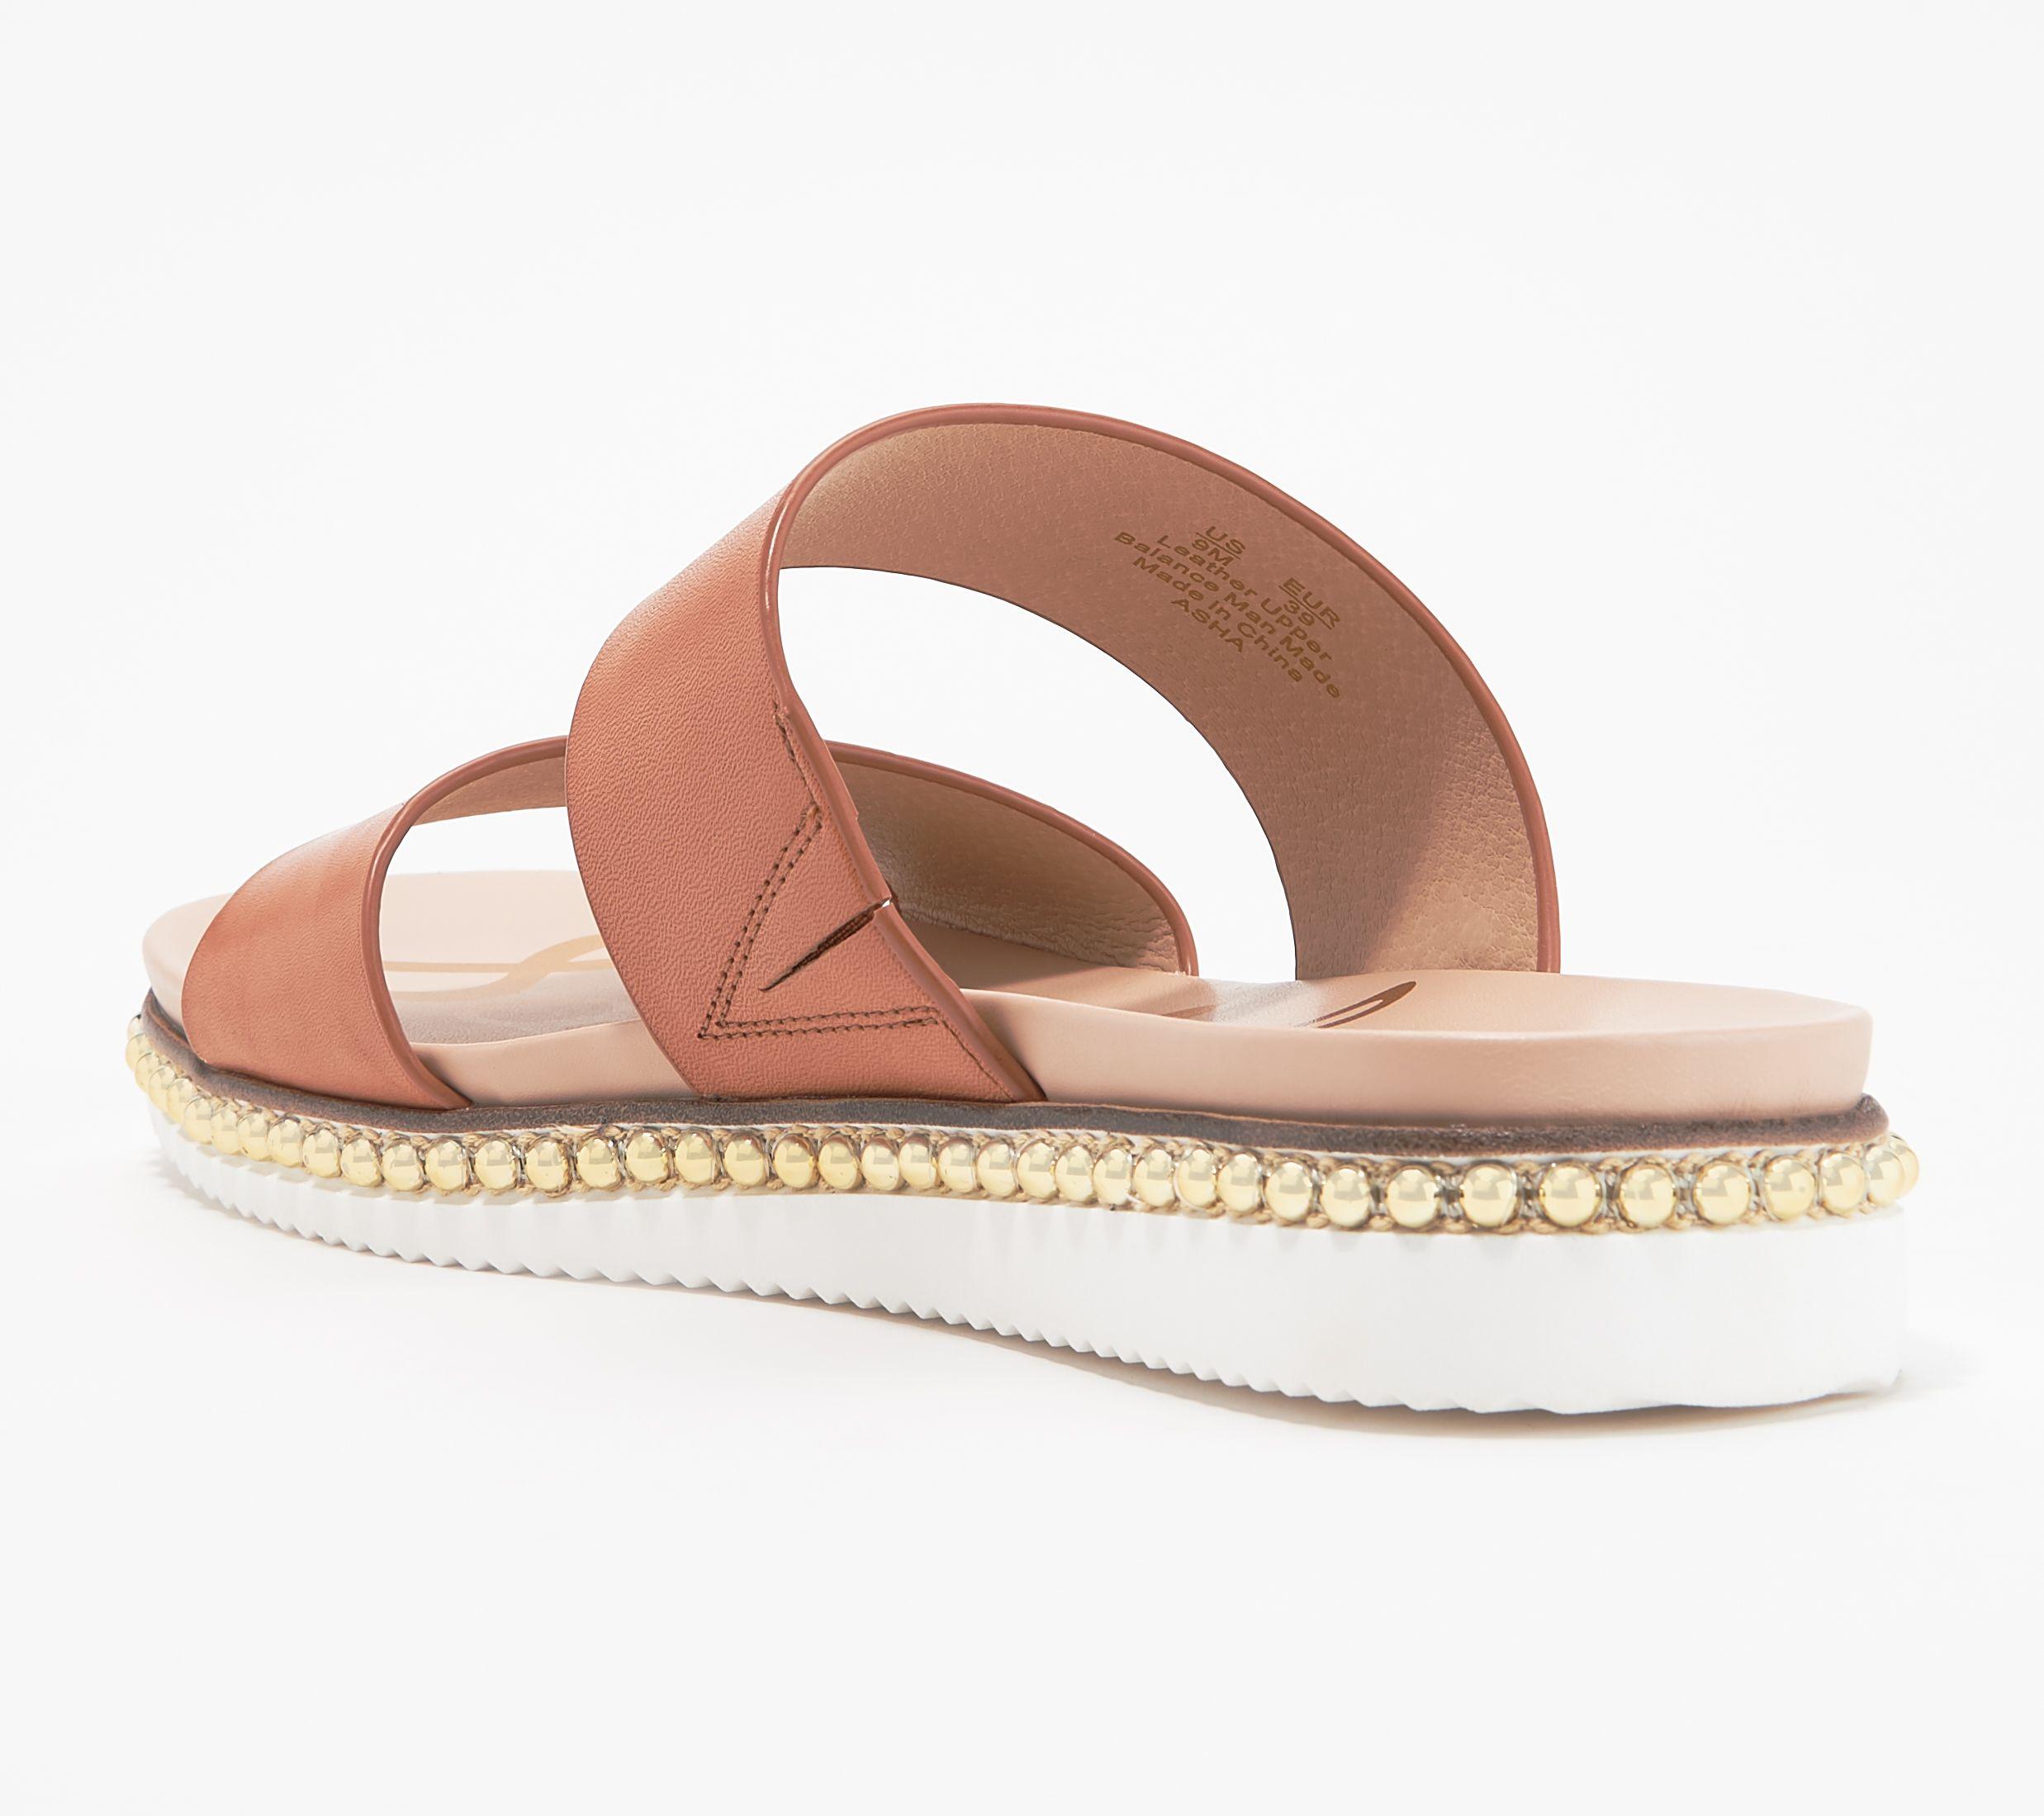 96fac71c5324 Sam Edelman Leather Double Strap Slide Sandals - Asha - Page 1 — QVC.com